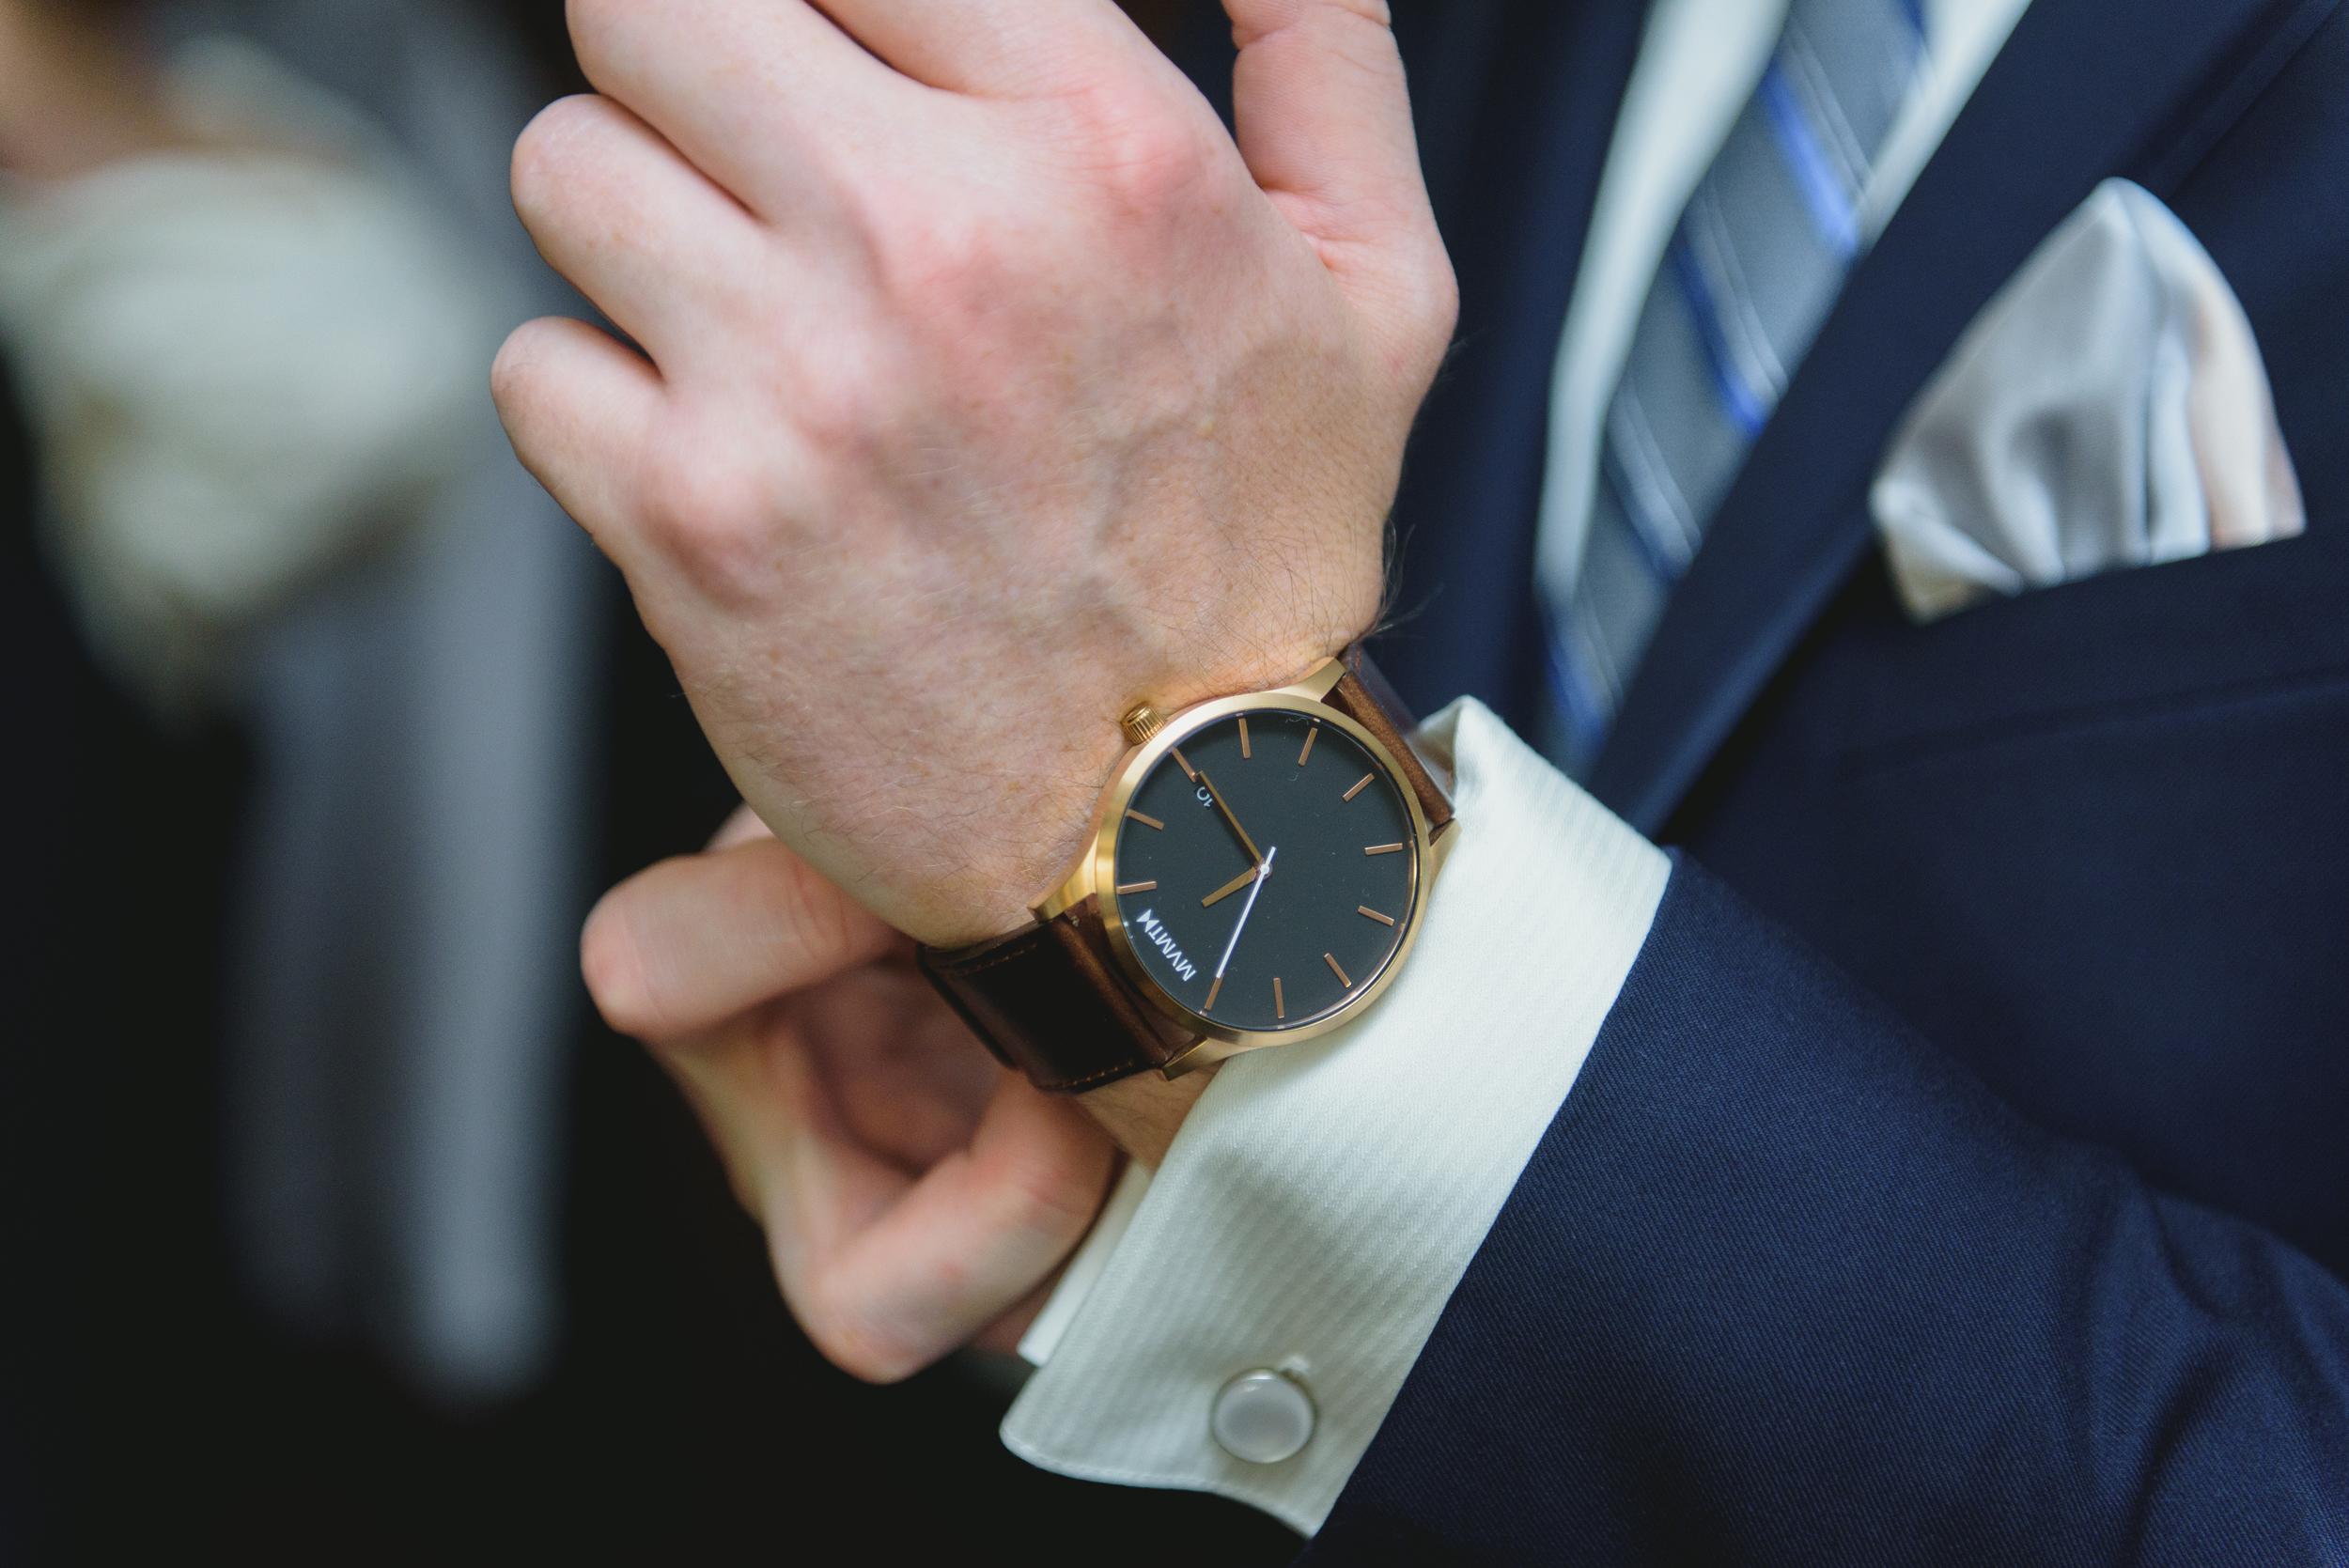 Groom's watch - pearl weddings